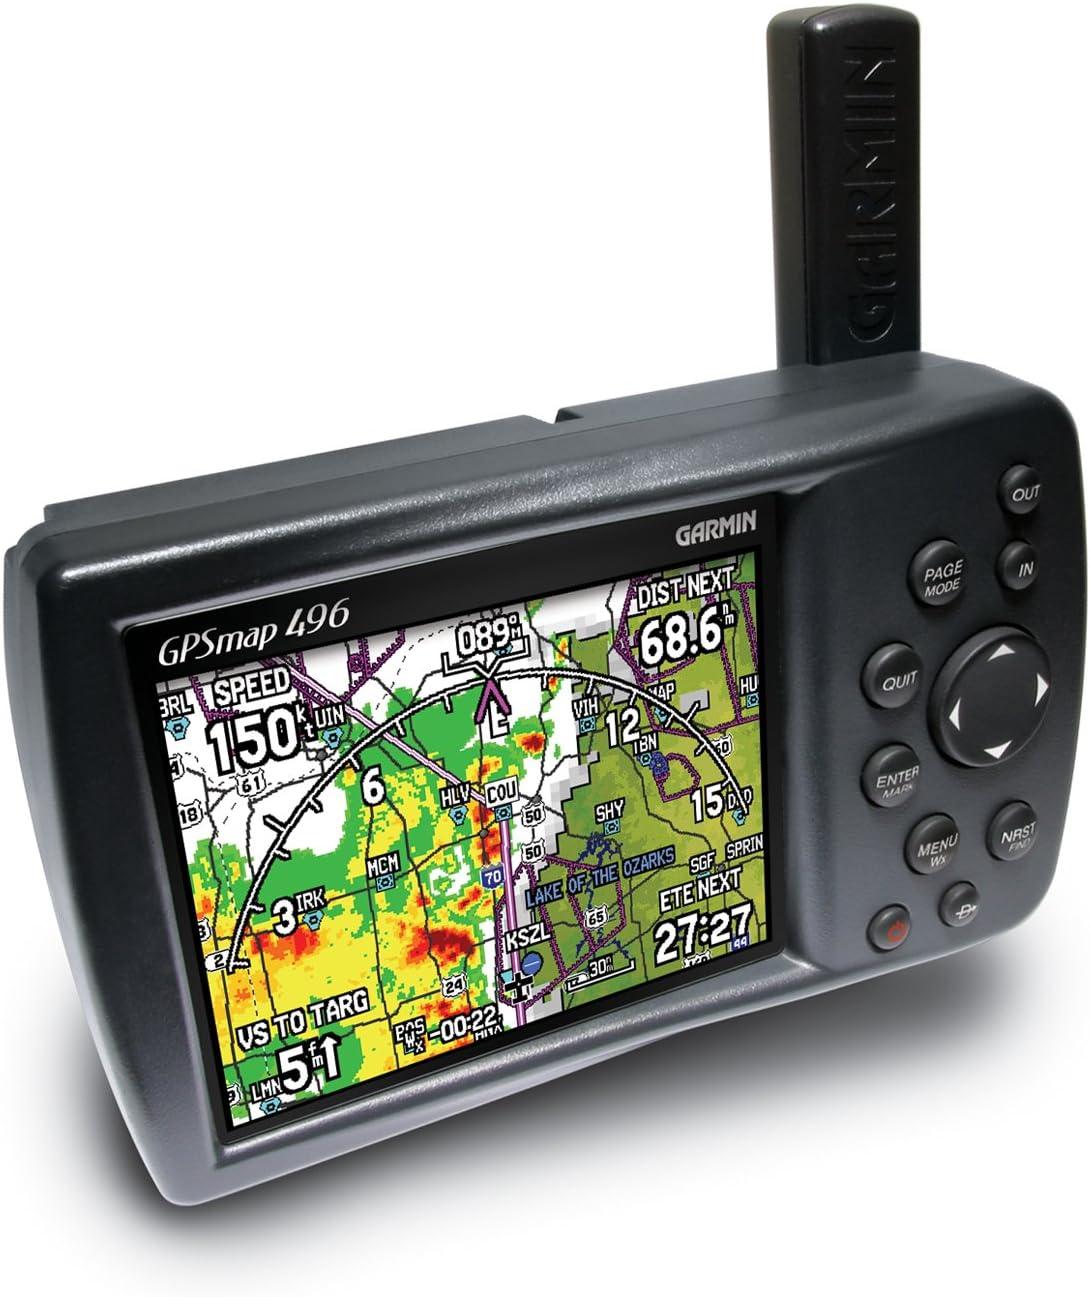 Gpsmap® 496.